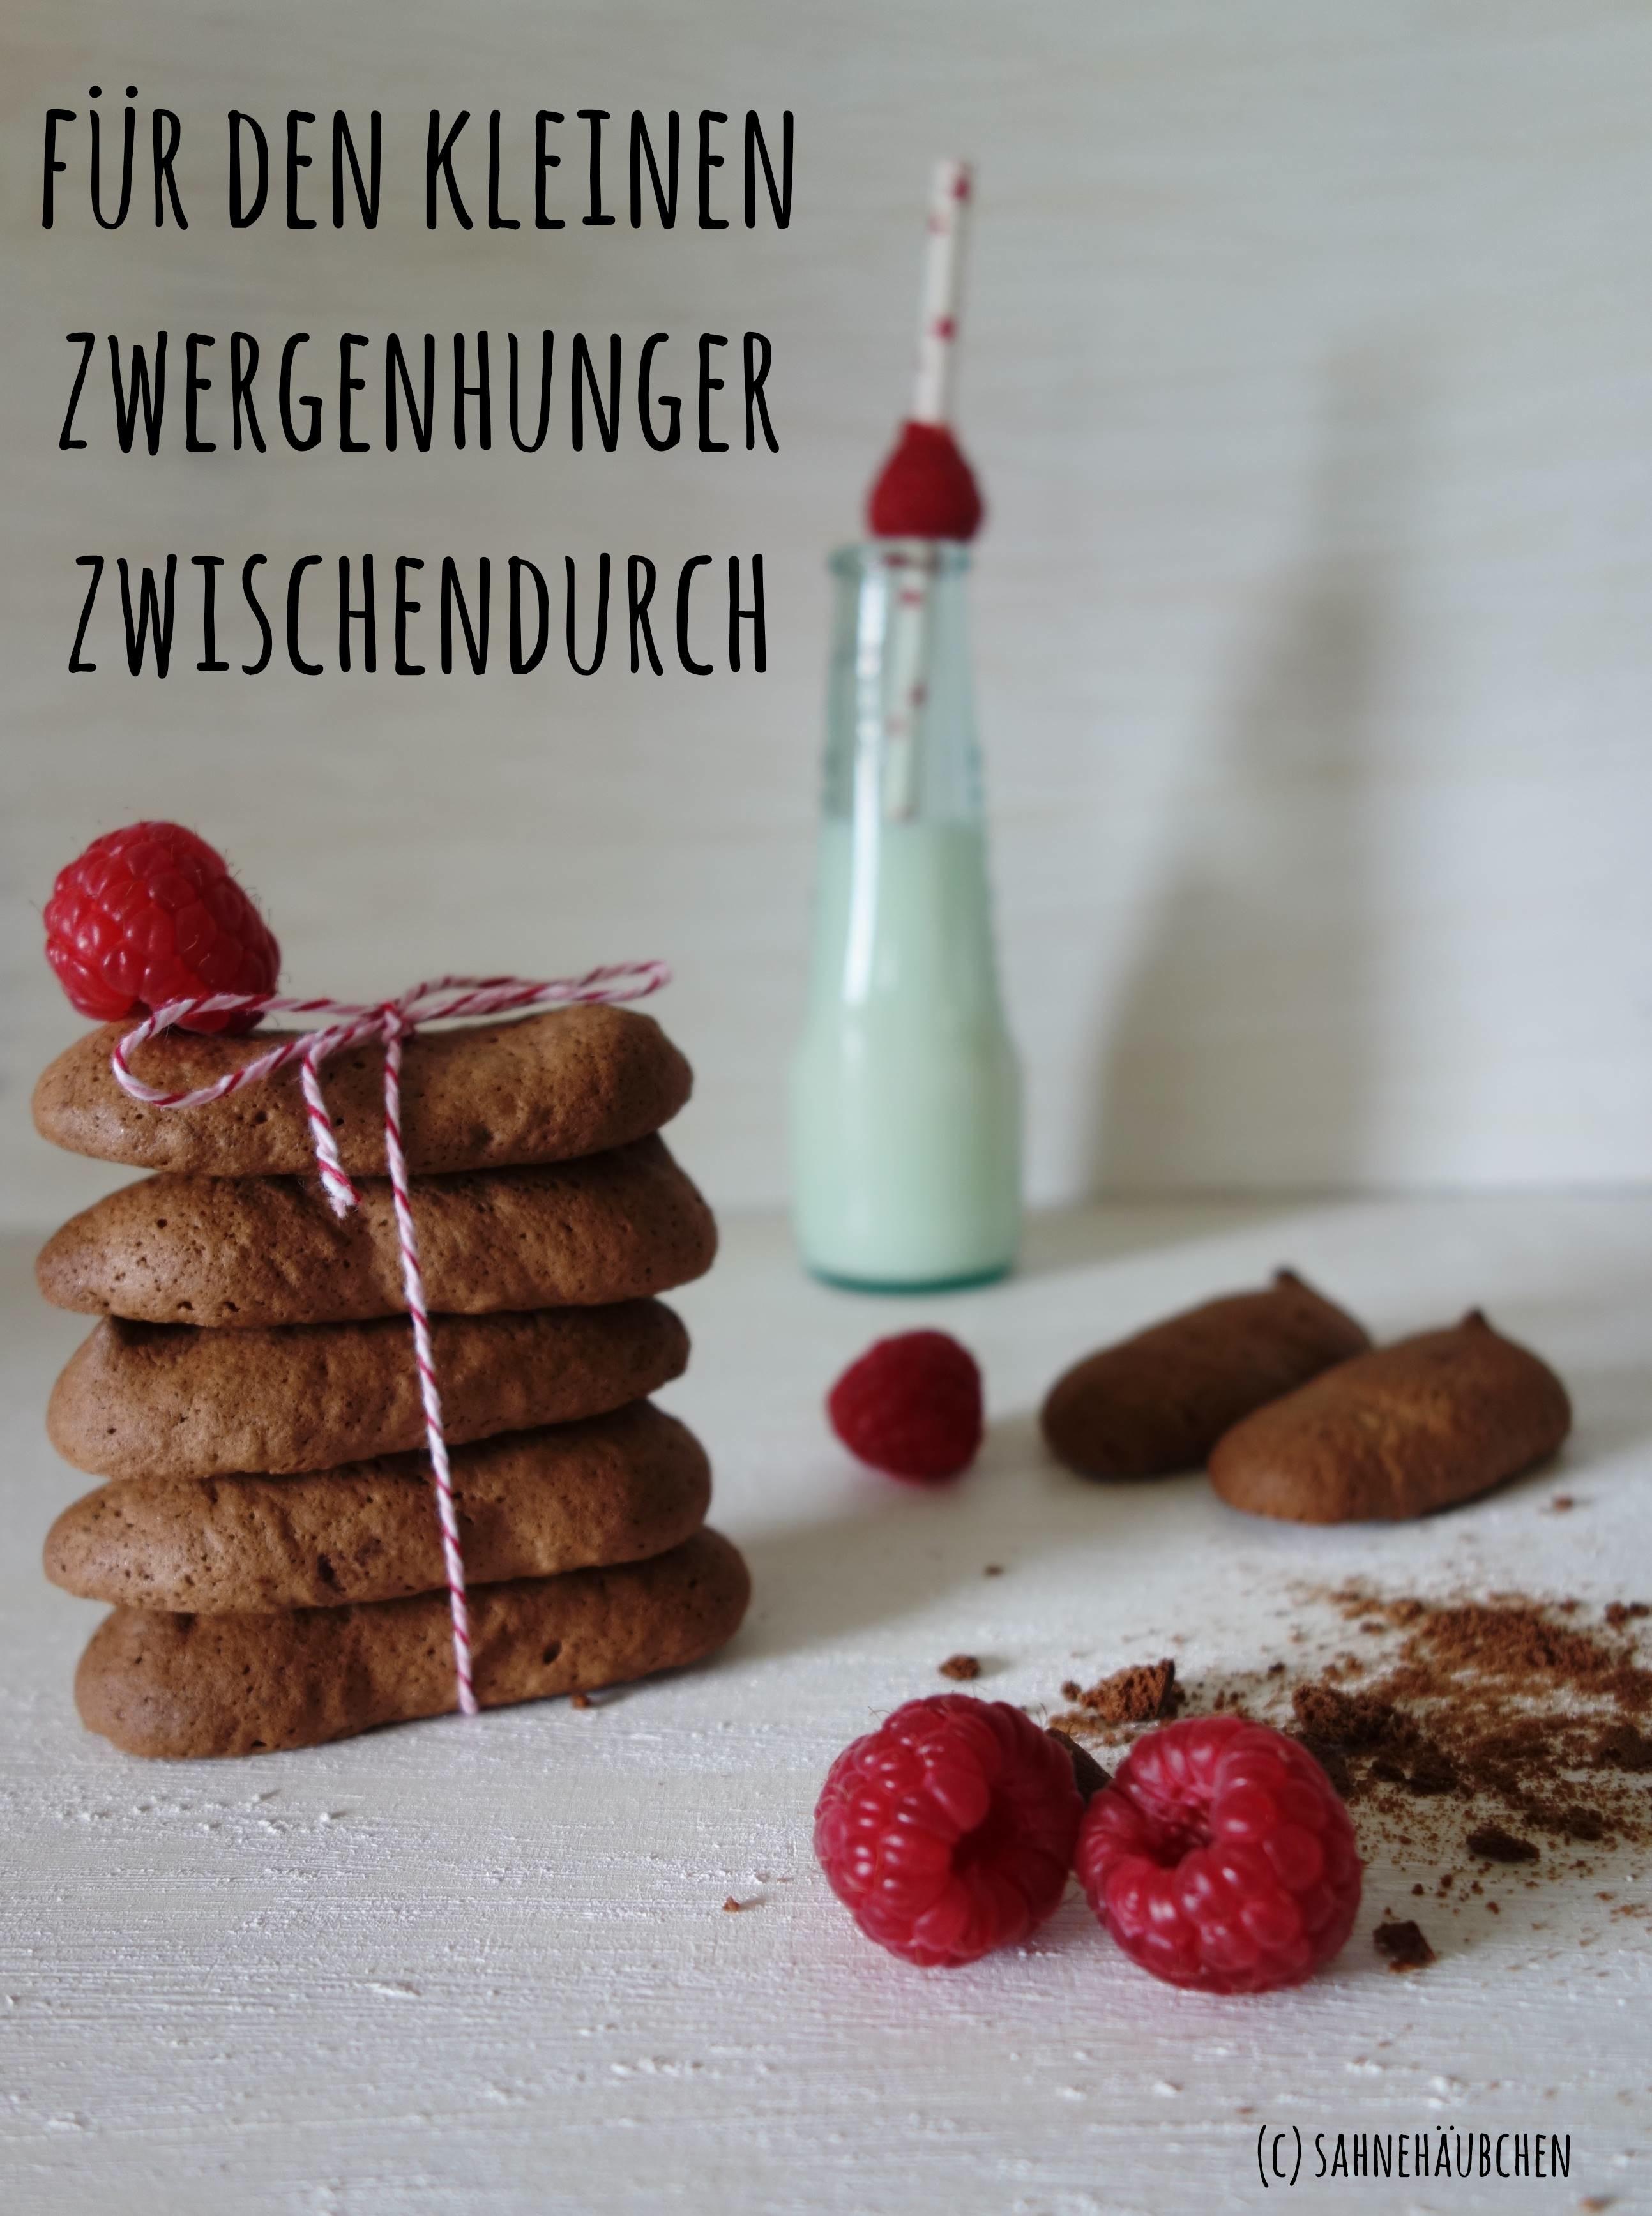 zwergalarm-zwergen-schmaus-loeffelbisquits-2014-03-21